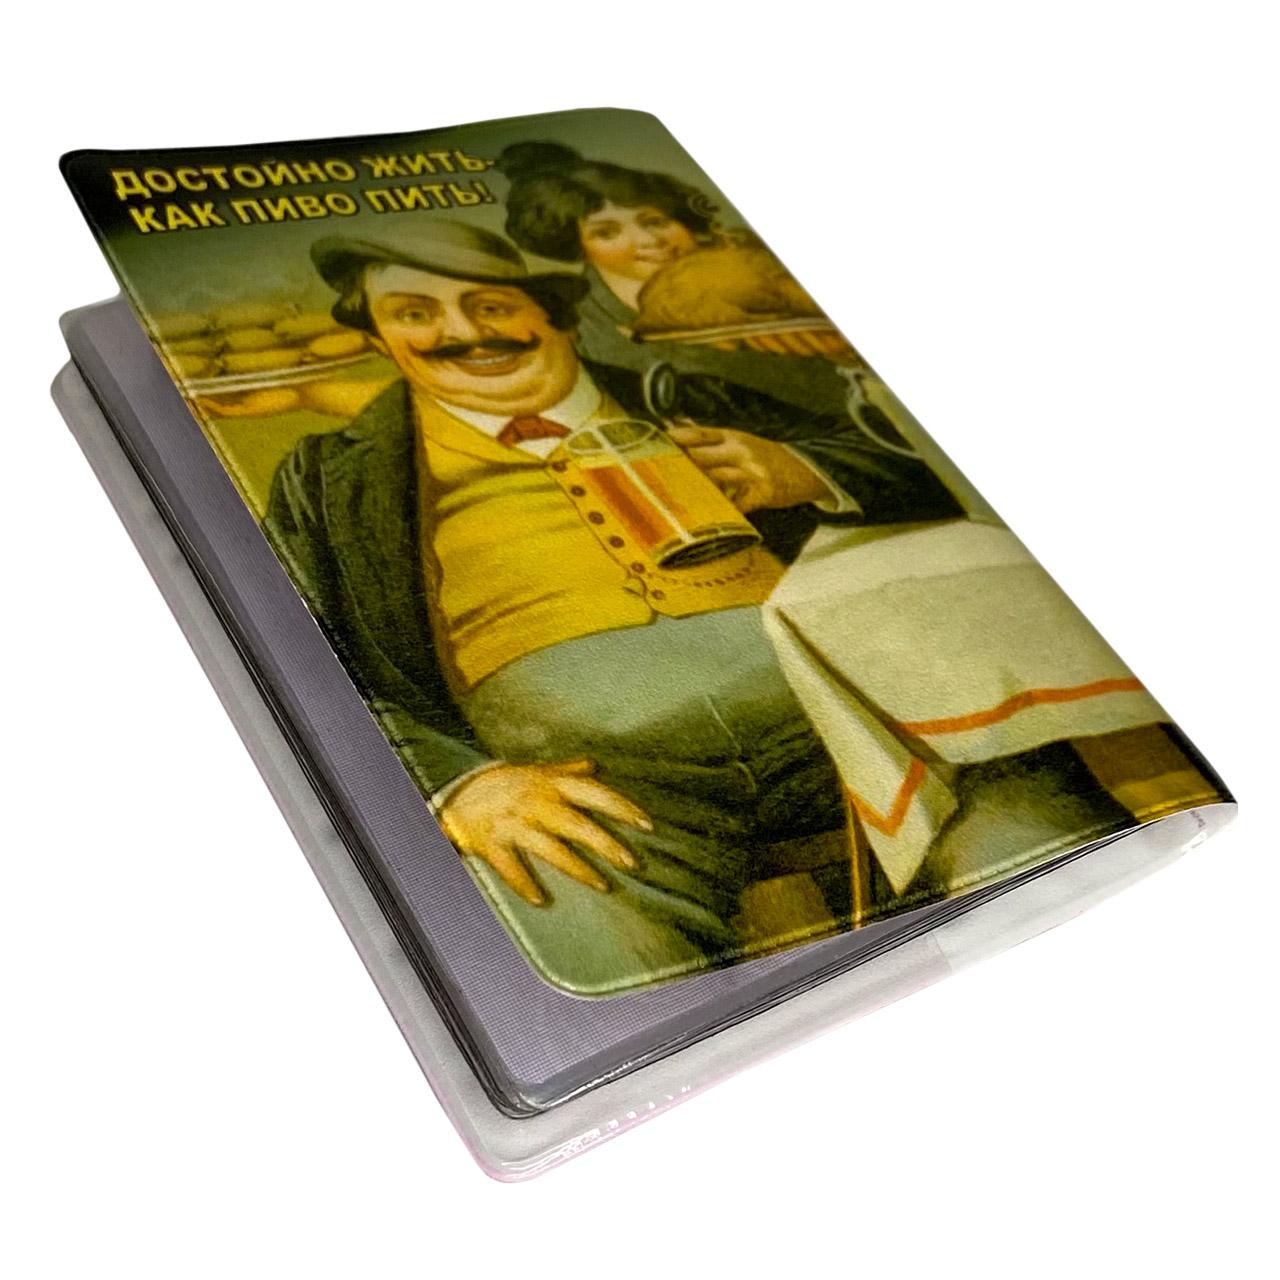 Обложка на паспорт Генерал Пивных войск